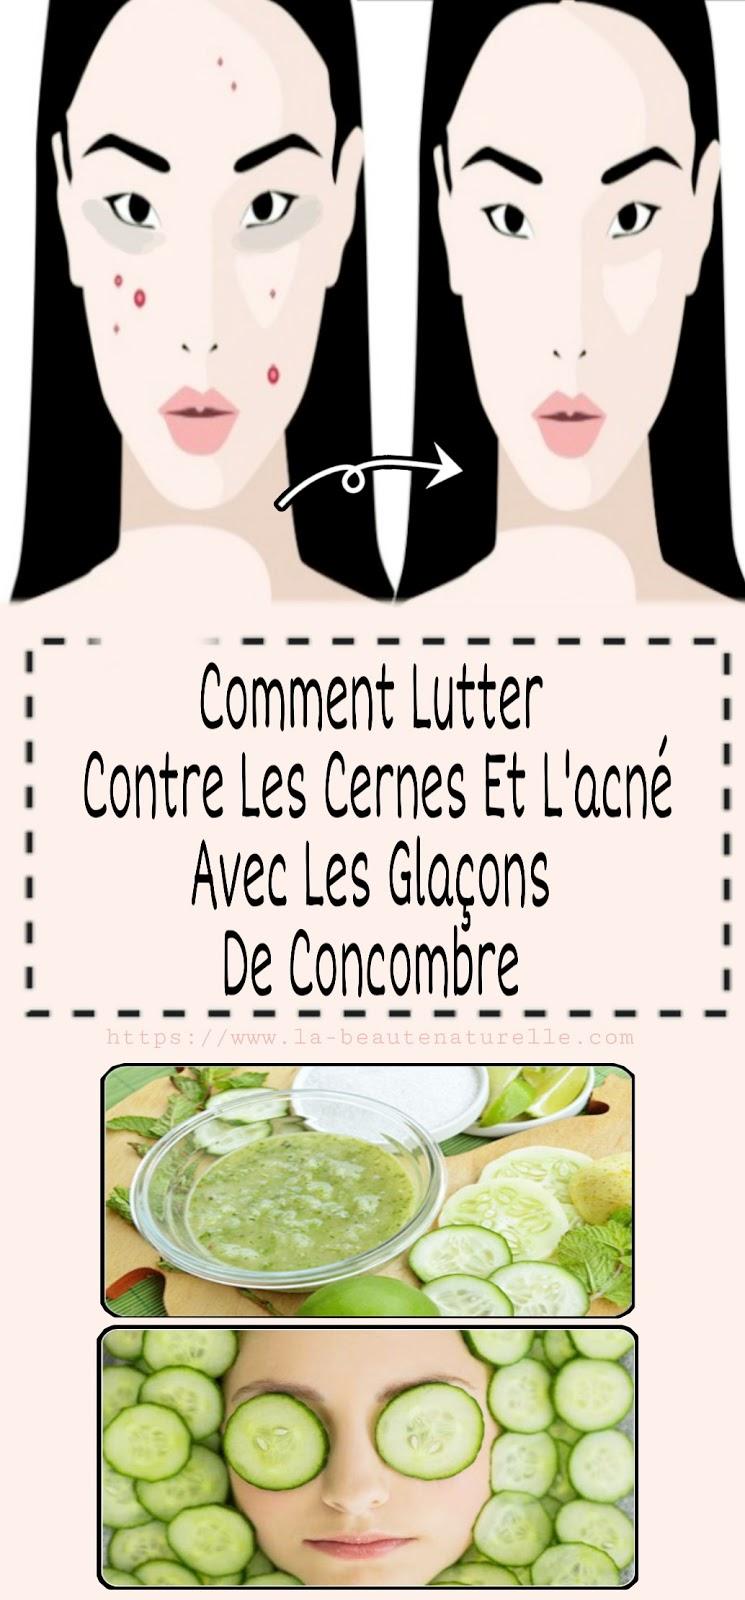 Comment Lutter Contre Les Cernes Et L'acné Avec Les Glaçons De Concombre